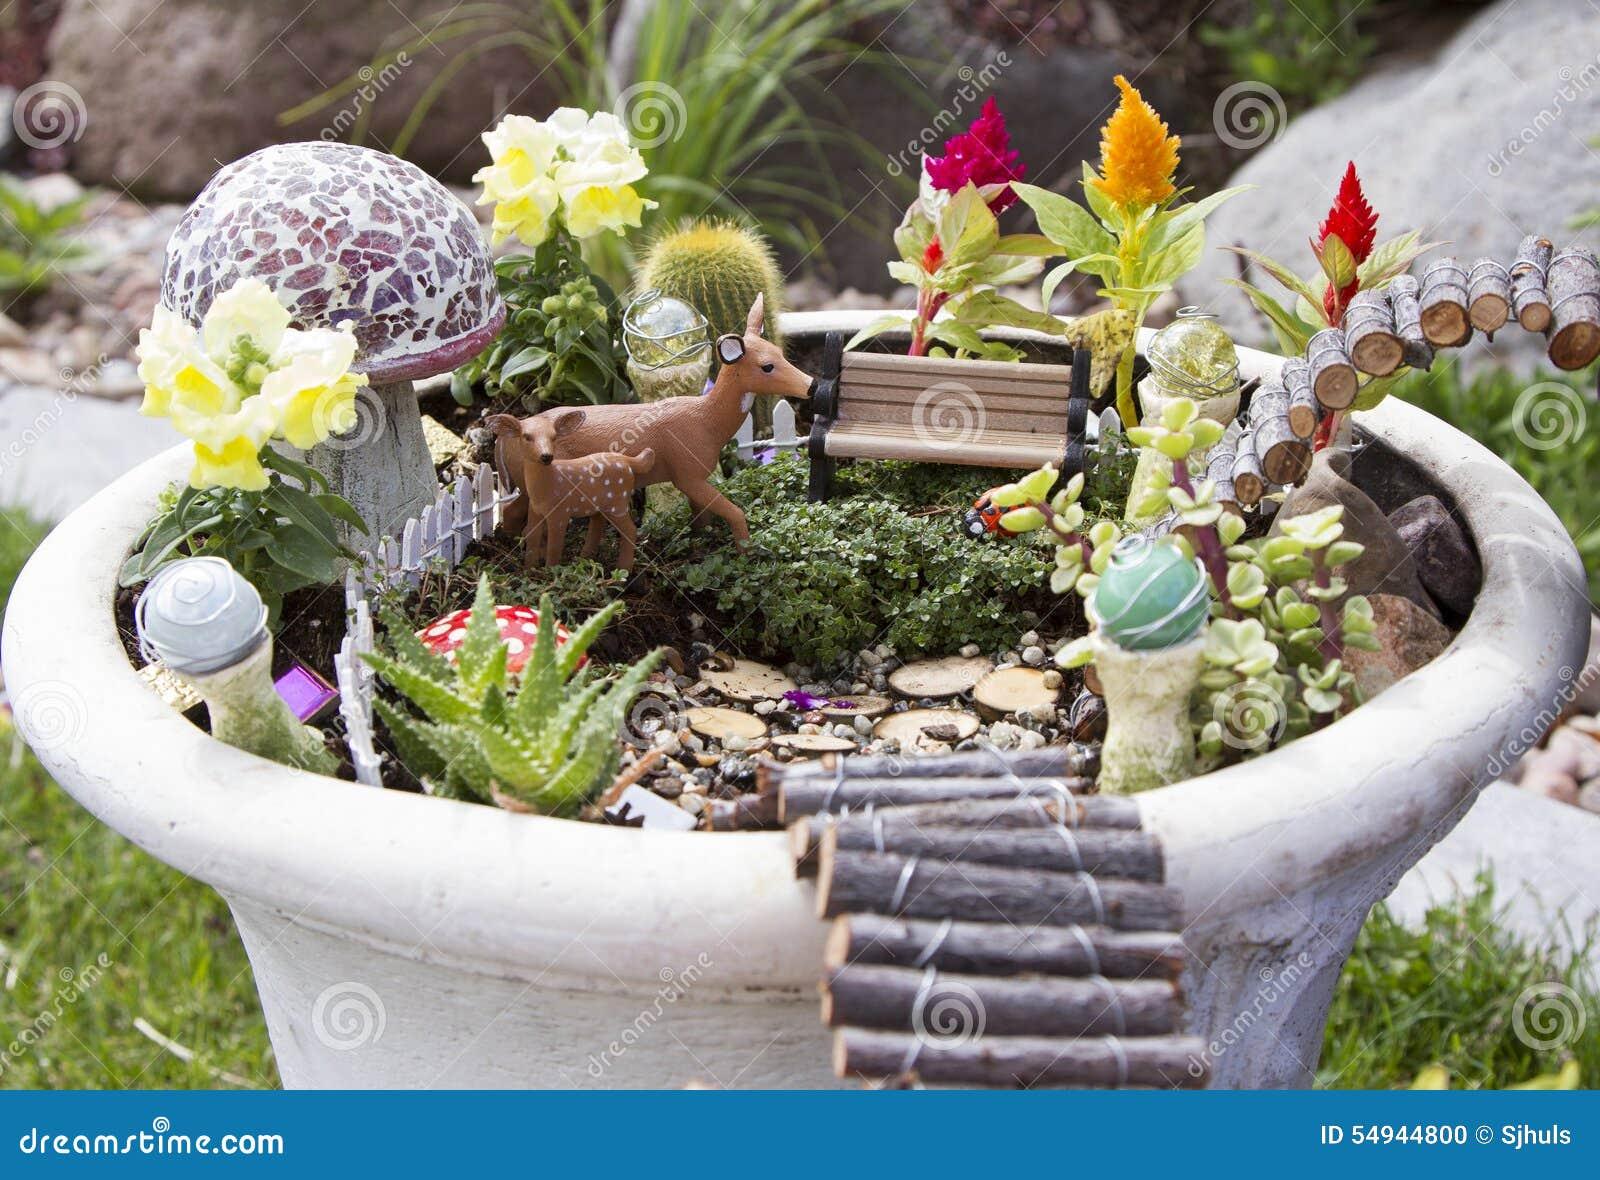 Jardin f erique dans un pot de fleur dehors photo stock for Jardin f